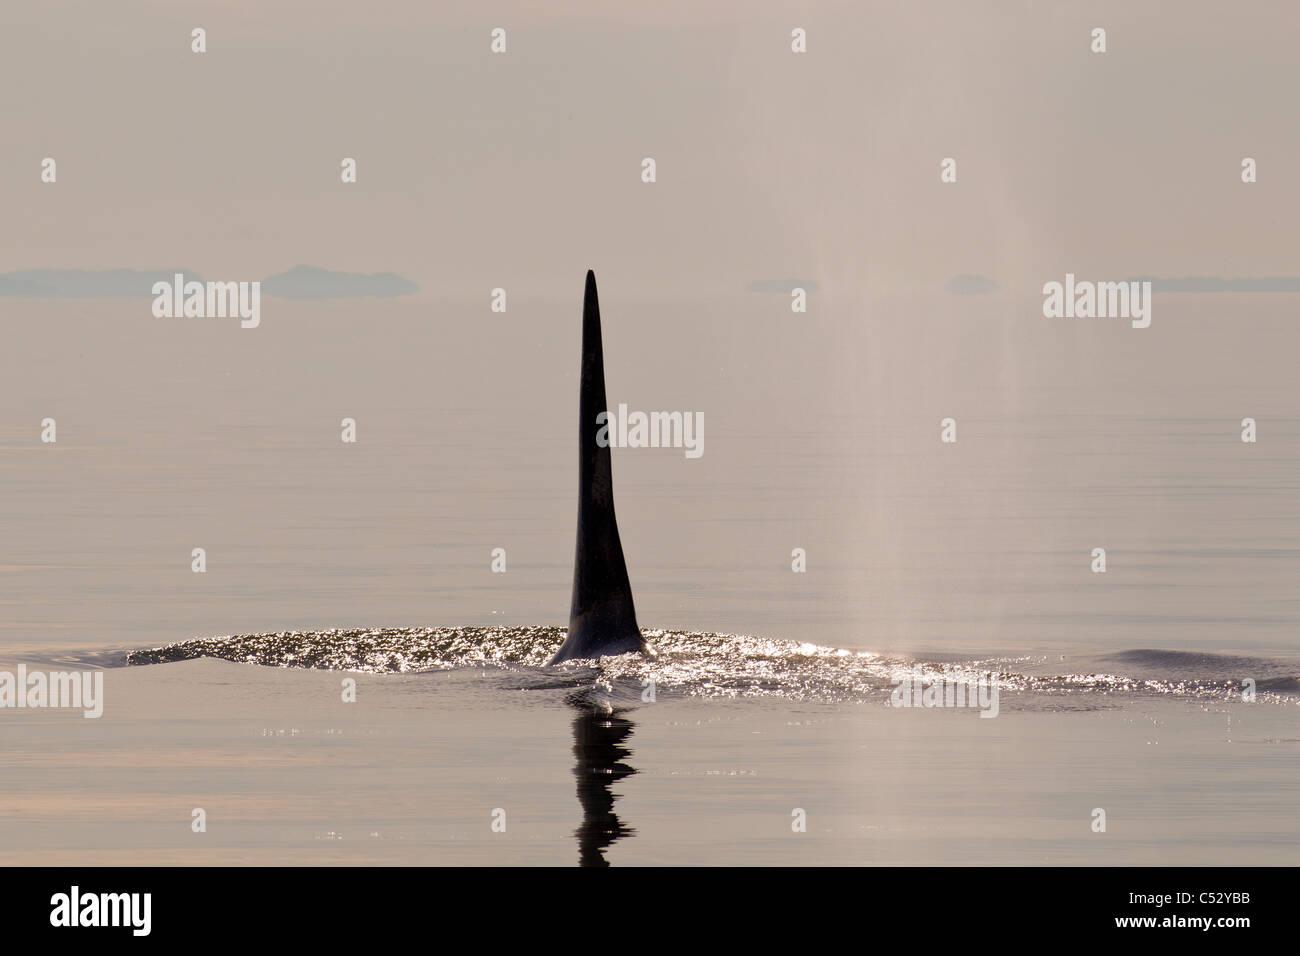 Grande nageoire dorsale d'un grand mâle adulte épaulard émerge dans le détroit de Chatham Photo Stock